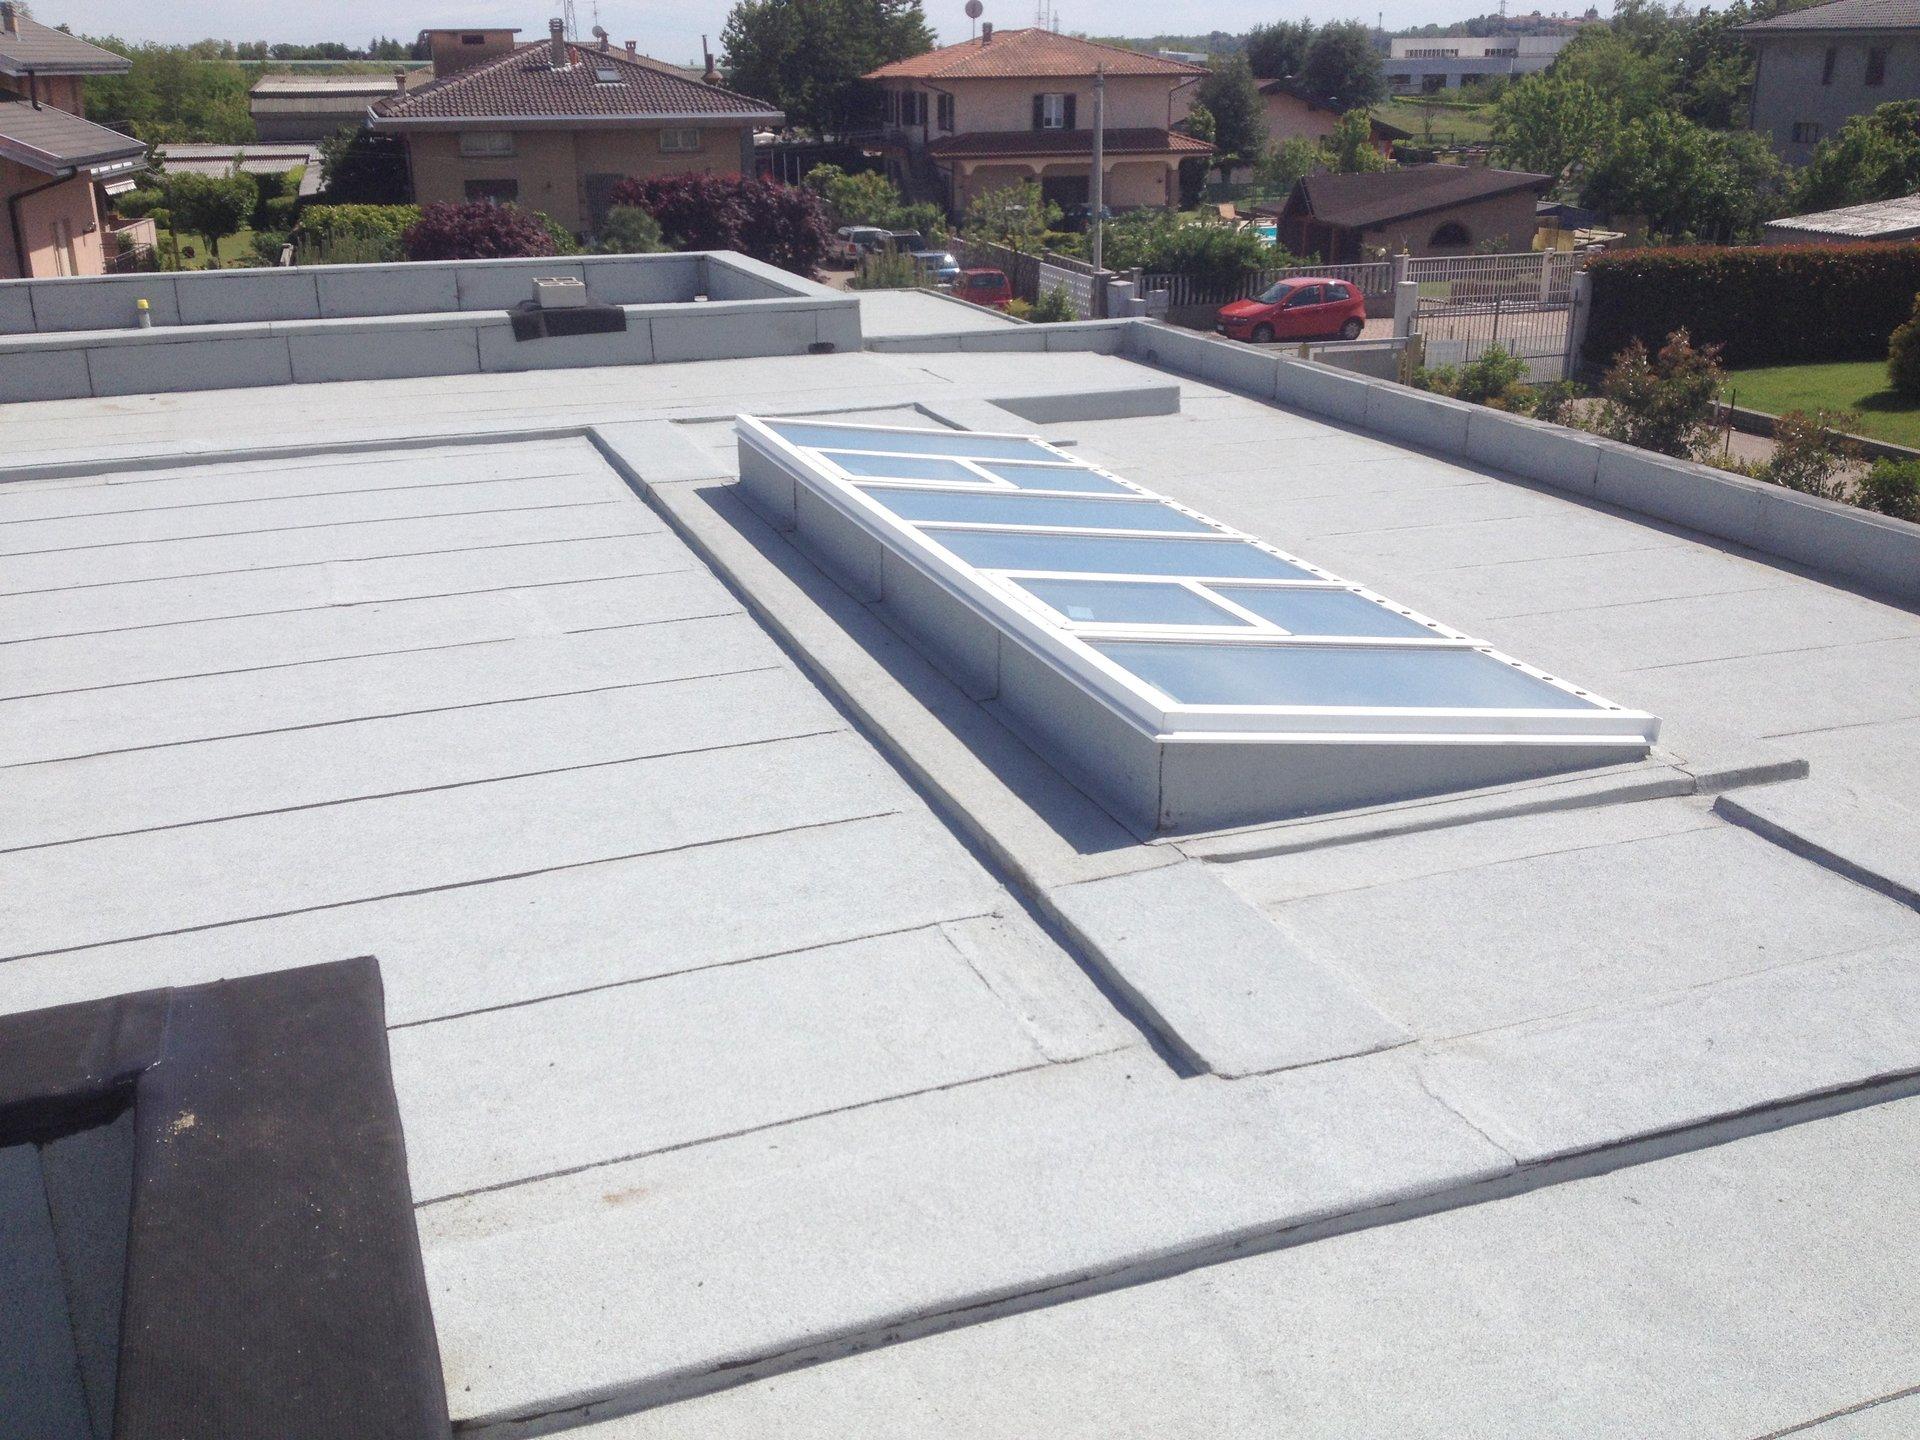 dettaglio di lucernaio su tetto